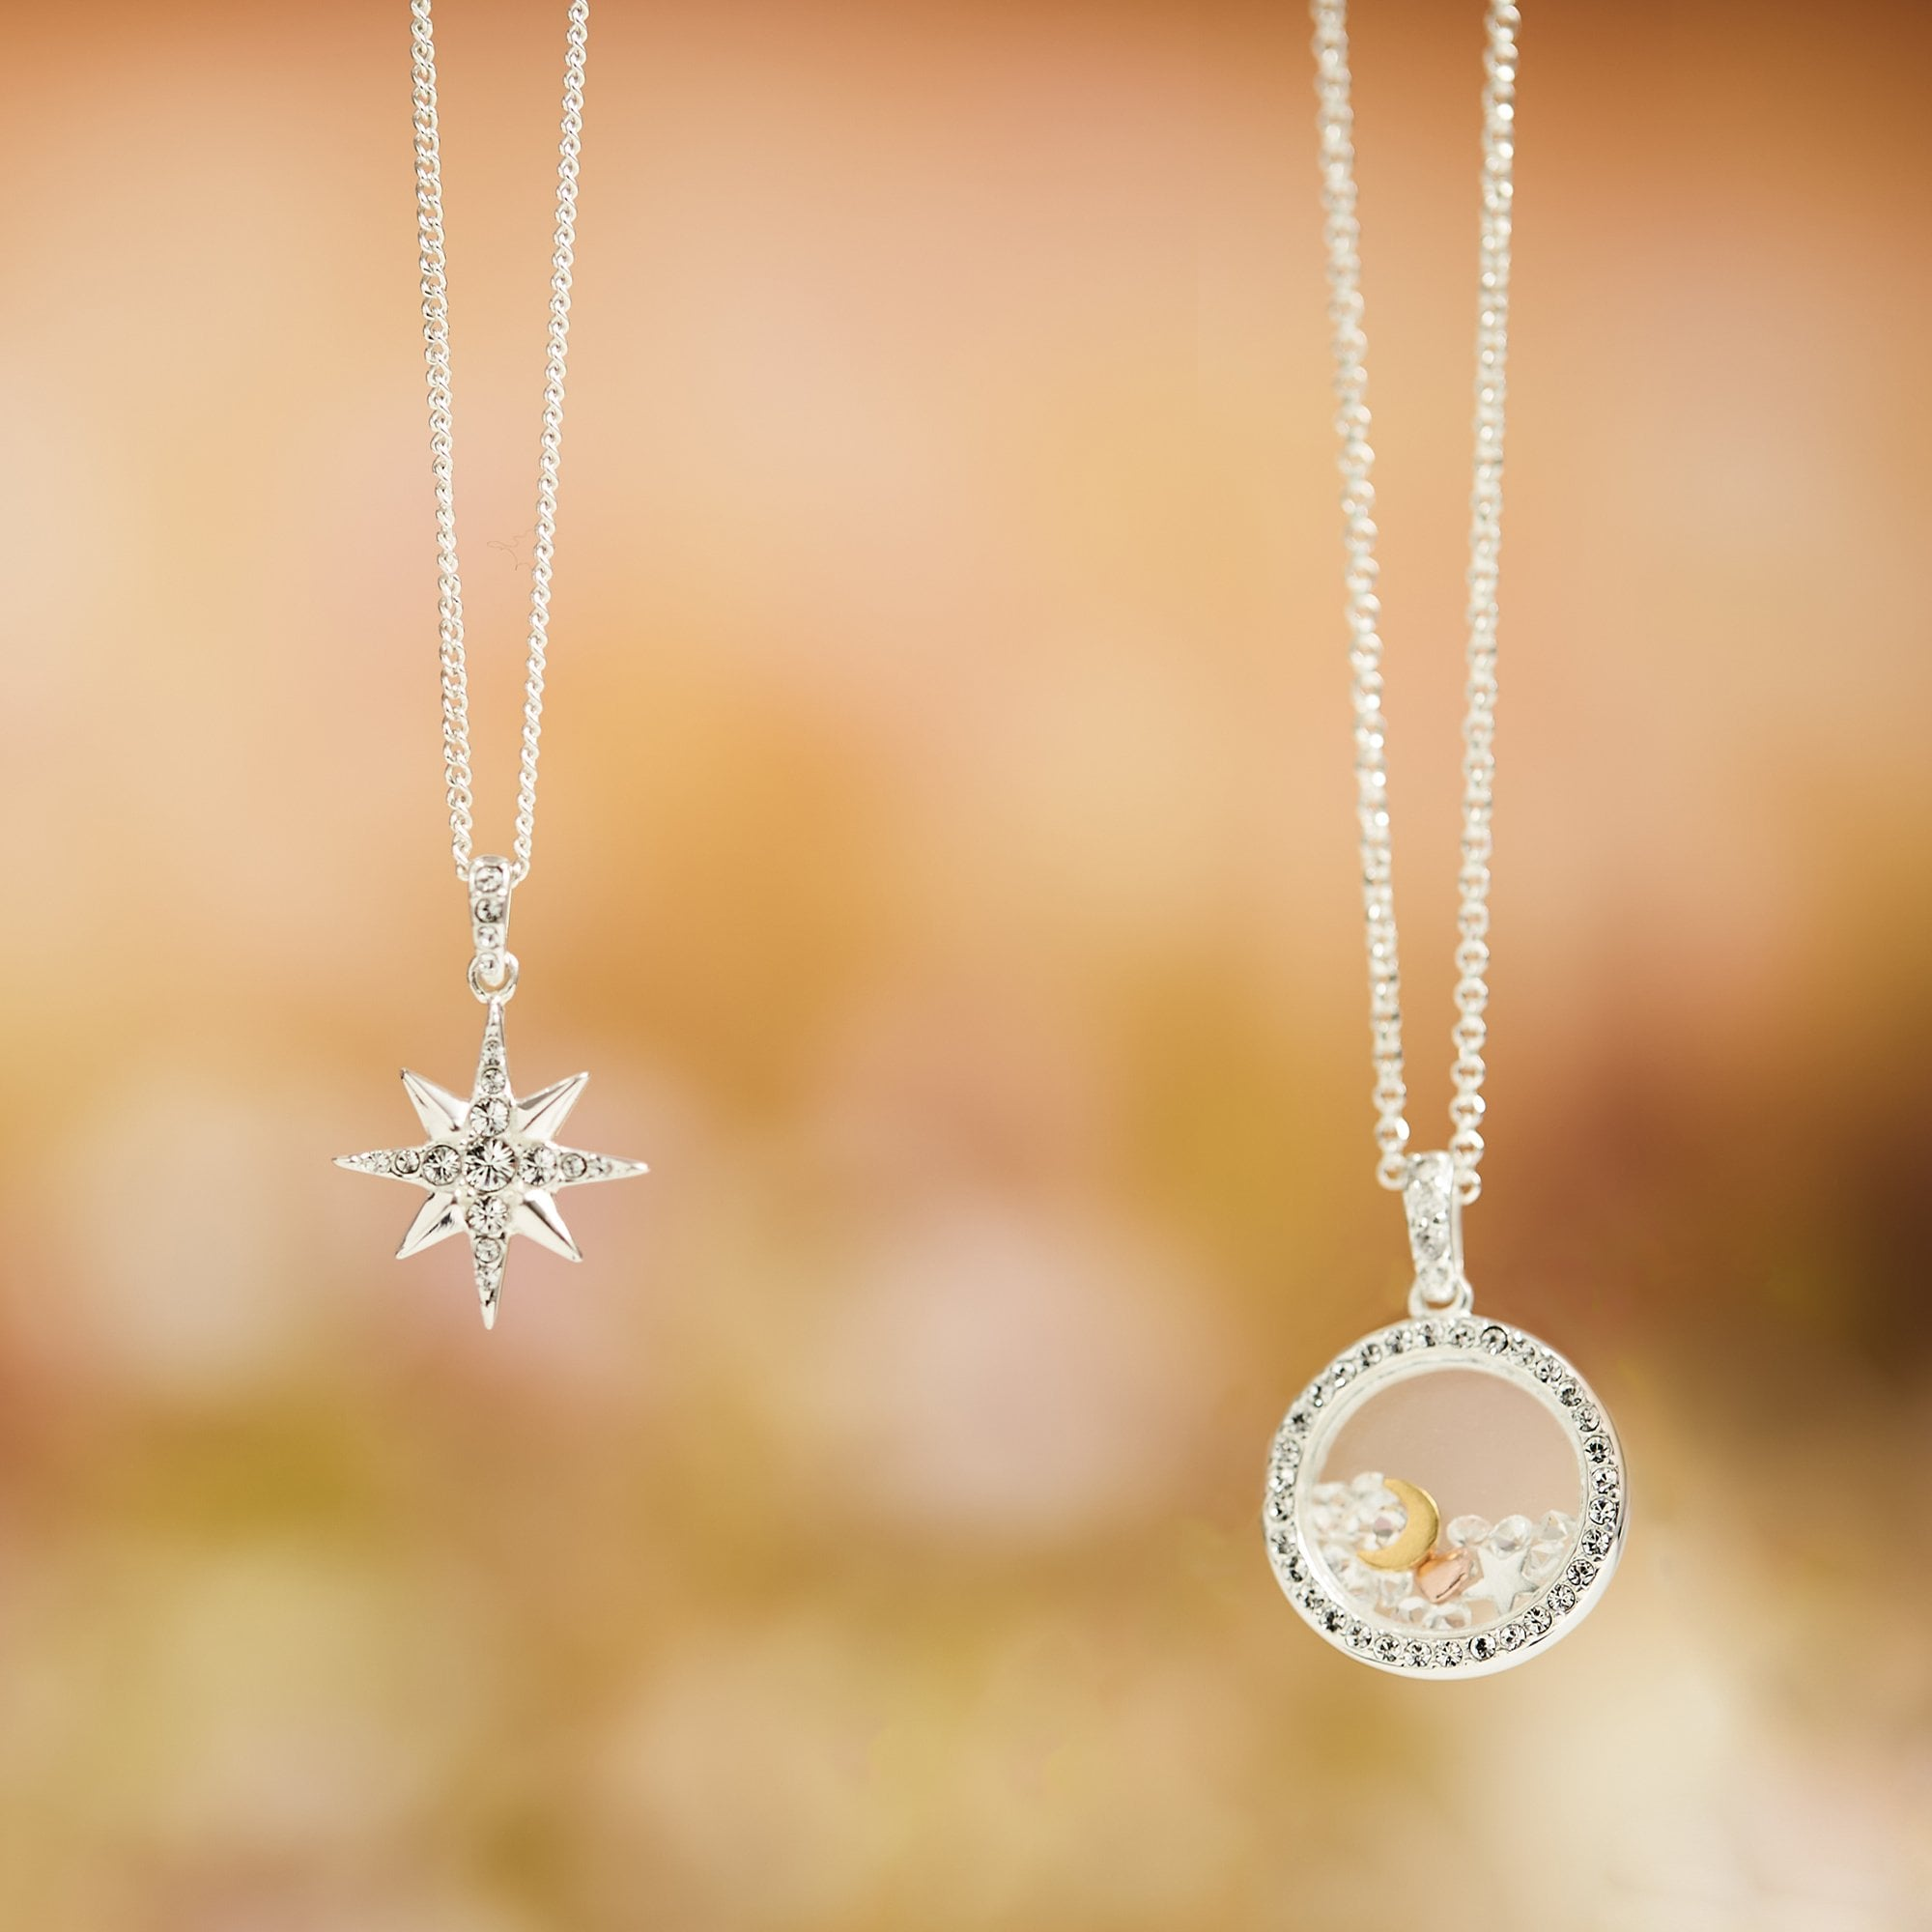 Sterling Silver Pole Star Silver Necklace/_North Star/_Fushia Zircon